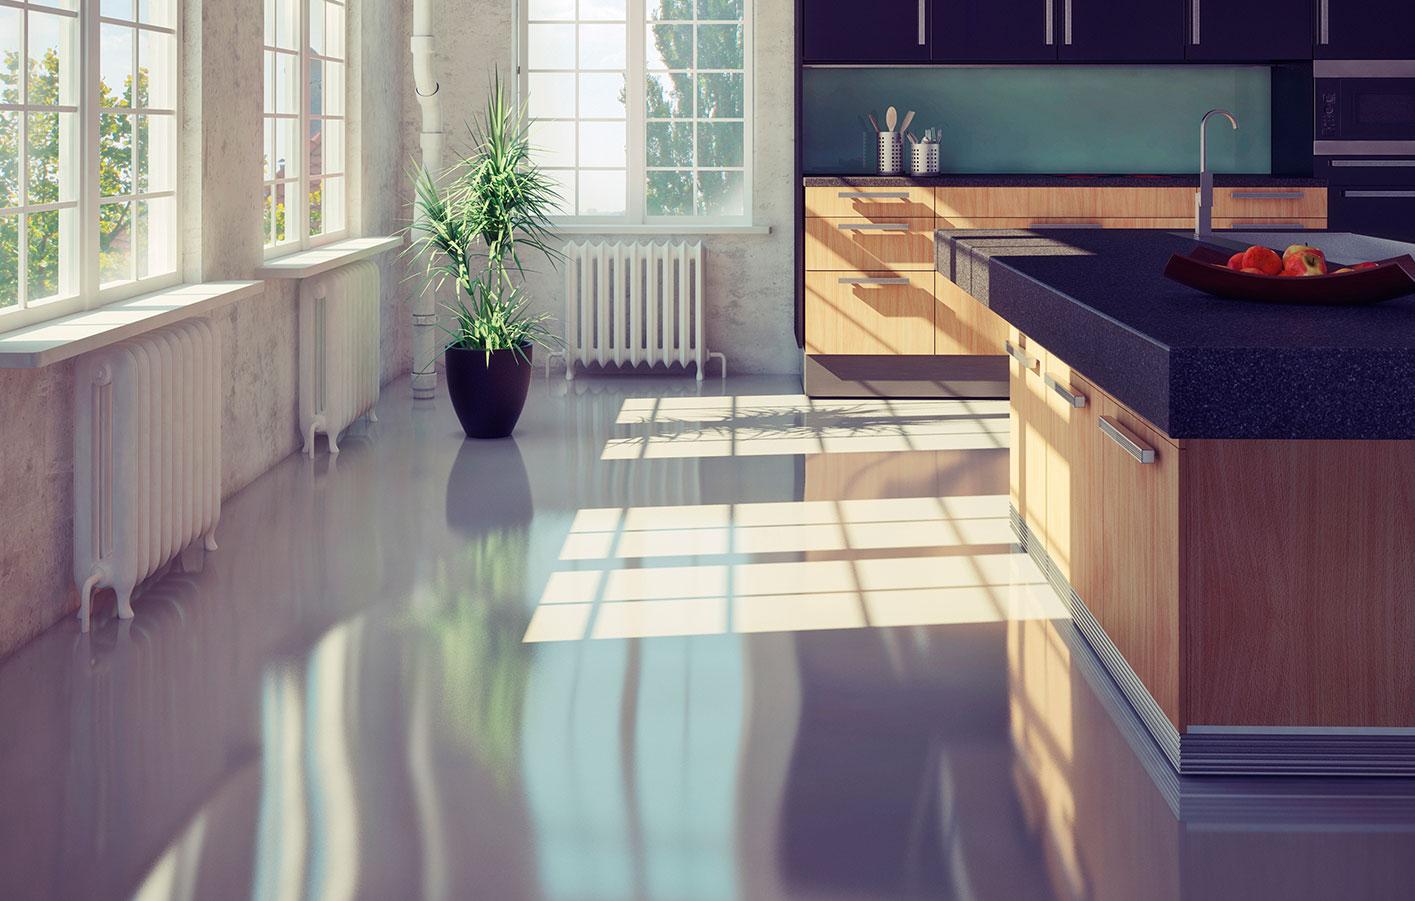 laminat boden terrasse garten t ren hohenfurch schongau peiting landsberg linoleum holz fichtl. Black Bedroom Furniture Sets. Home Design Ideas